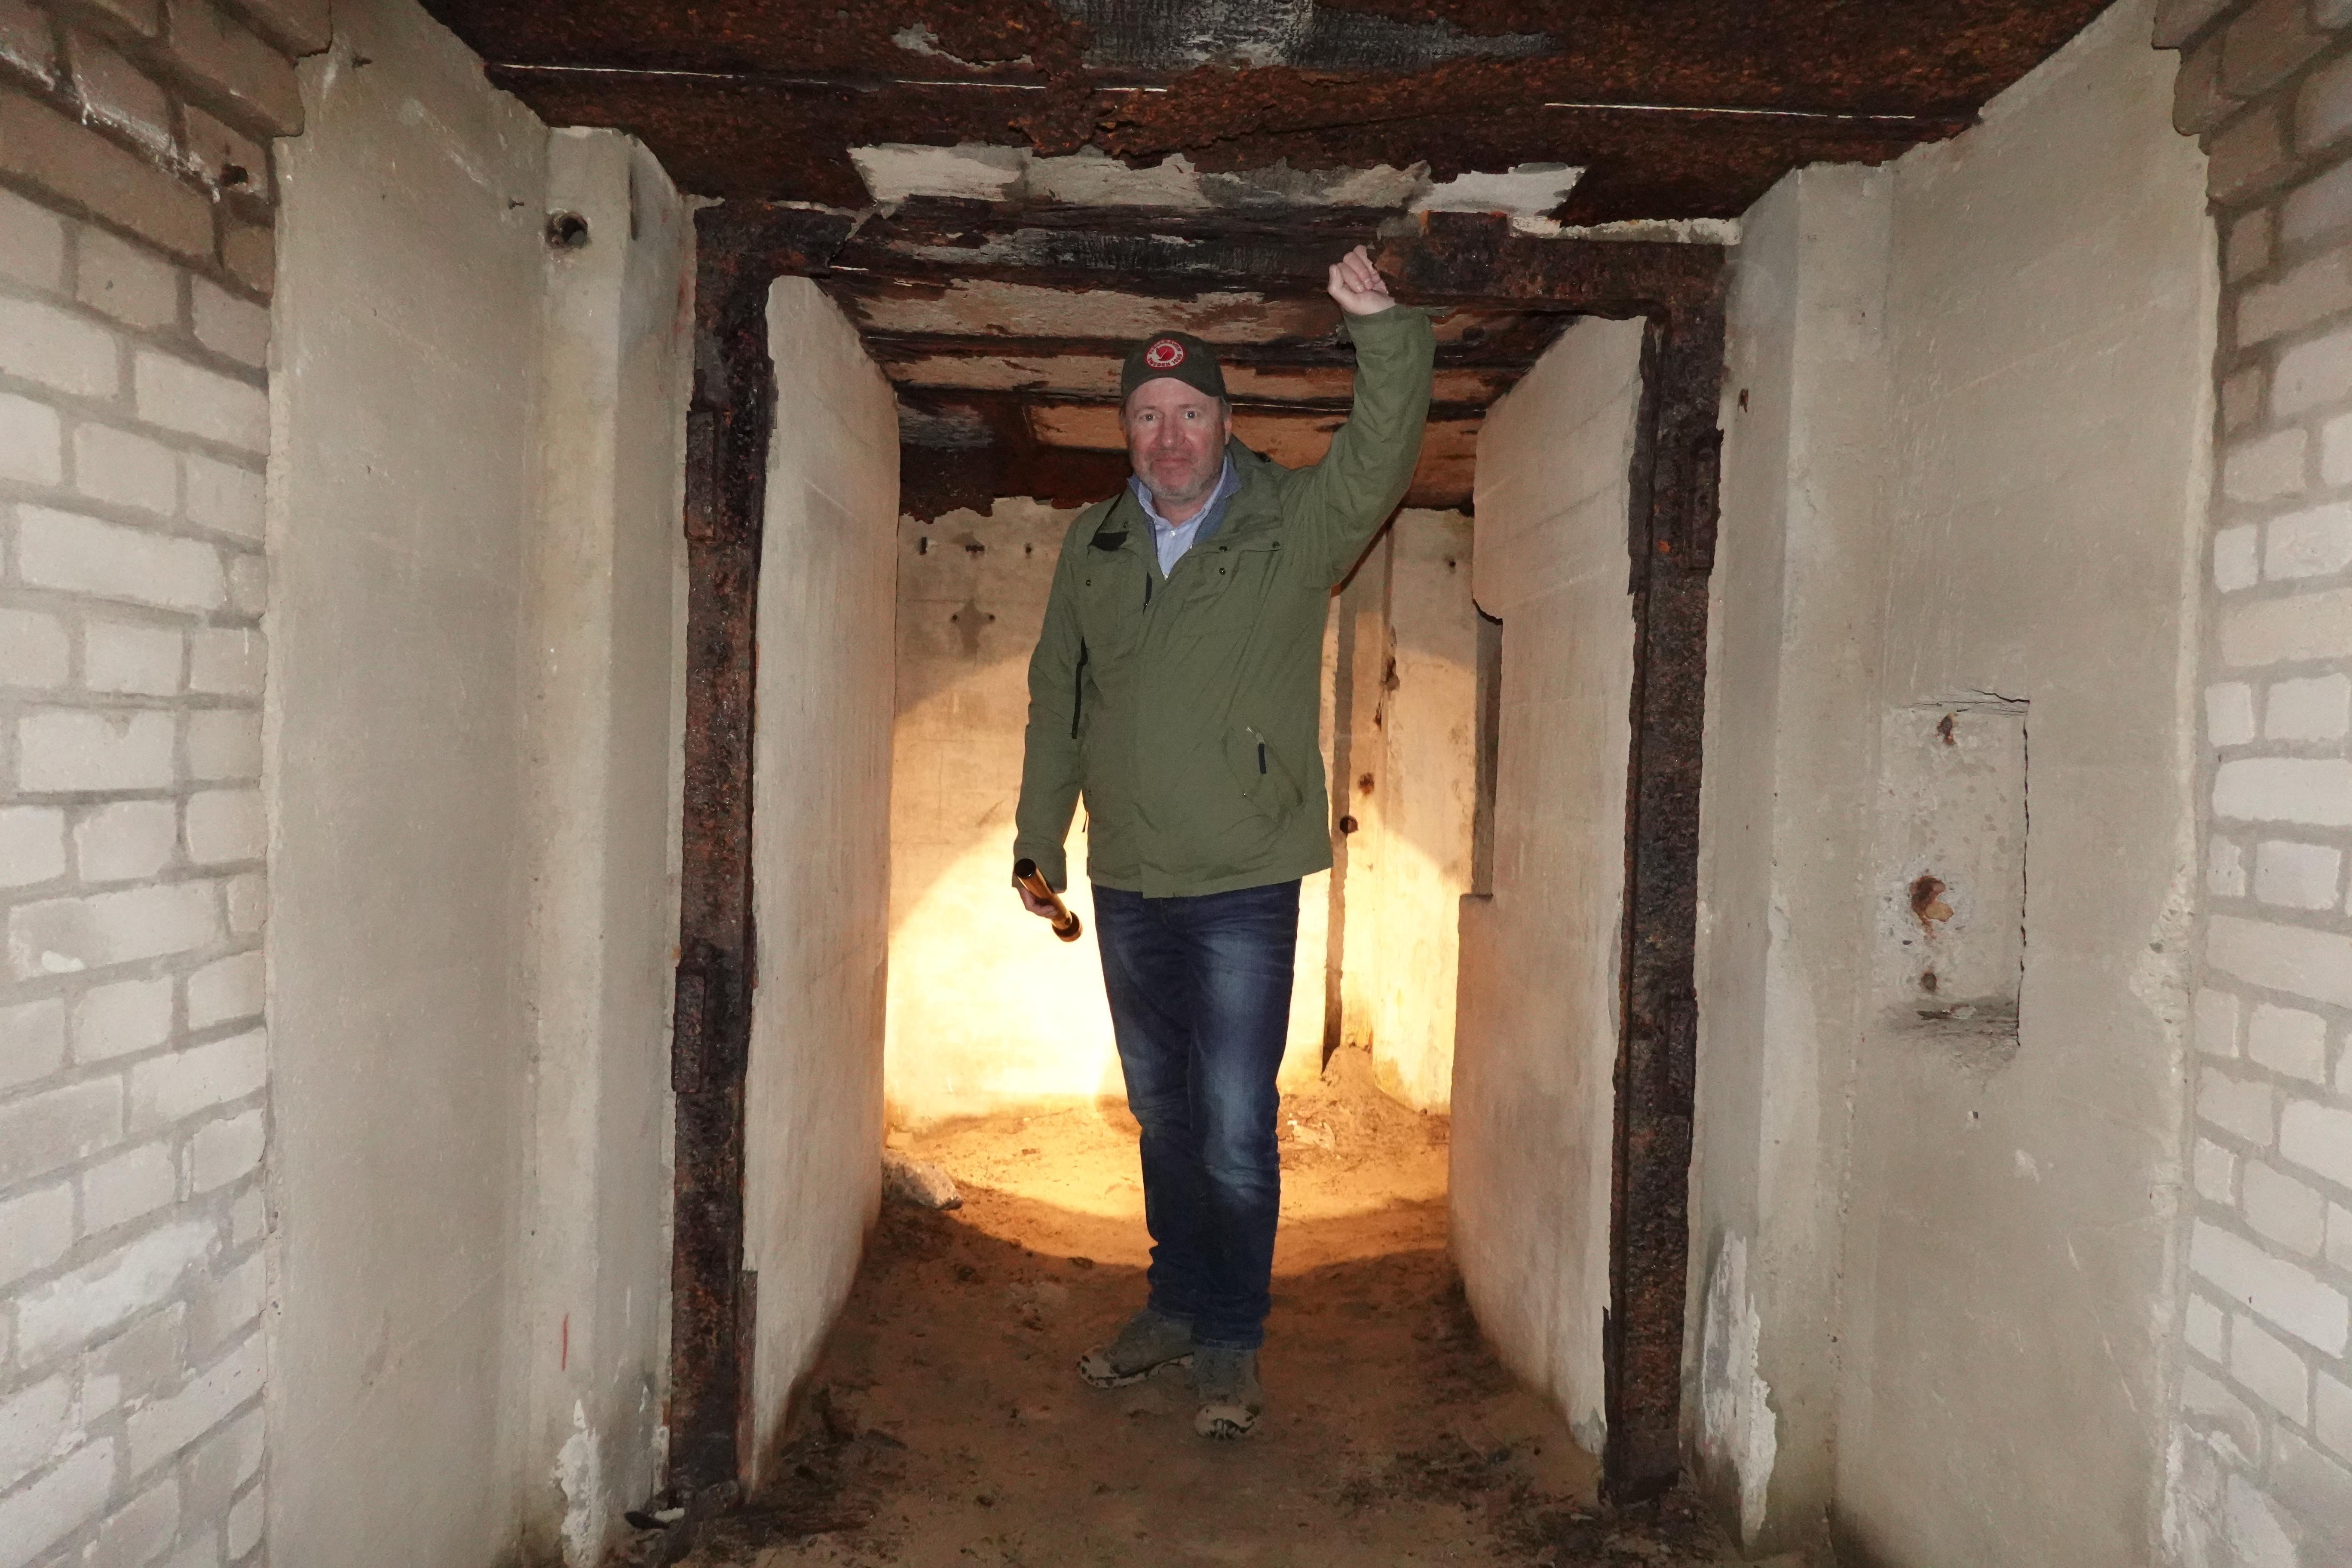 Bloemendaal wil 70 Duitse bunkers op monumentenlijst: 'Dit is belangrijk militair erfgoed'